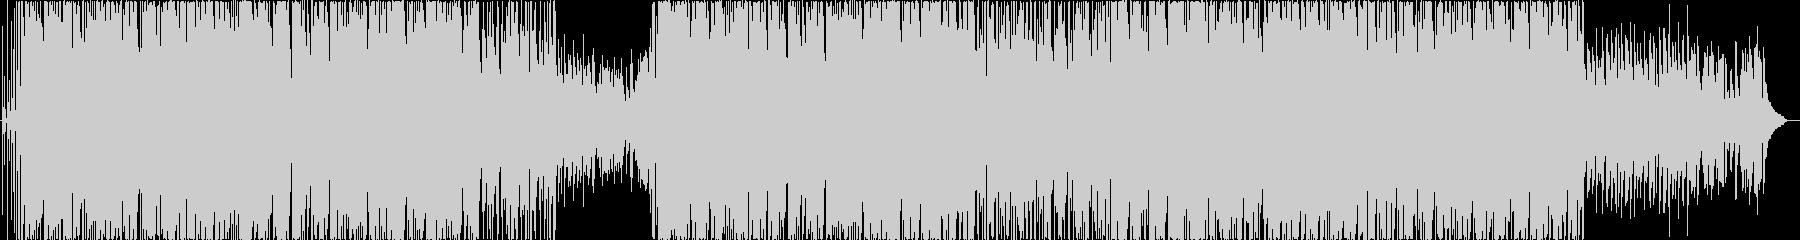 切ない感動系ヒップホップ系ピアノ曲の未再生の波形